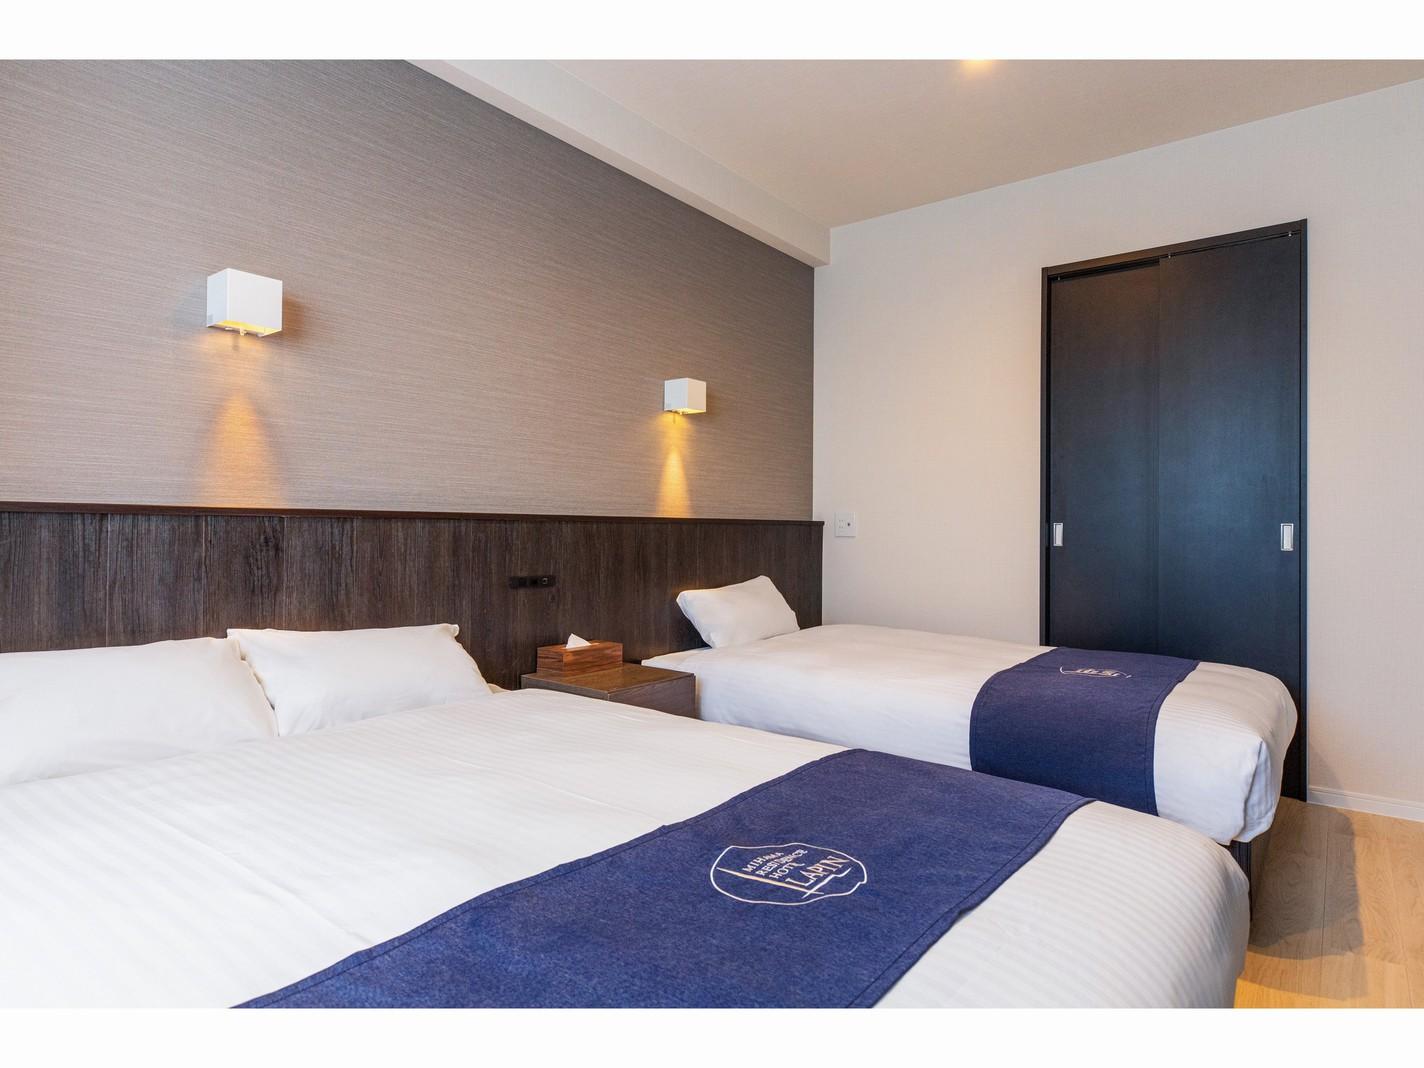 ラパンミハマレジデンスホテル / 【スタンダードプラン】コンドミニアムで過ごす休日の沖縄《素泊り》